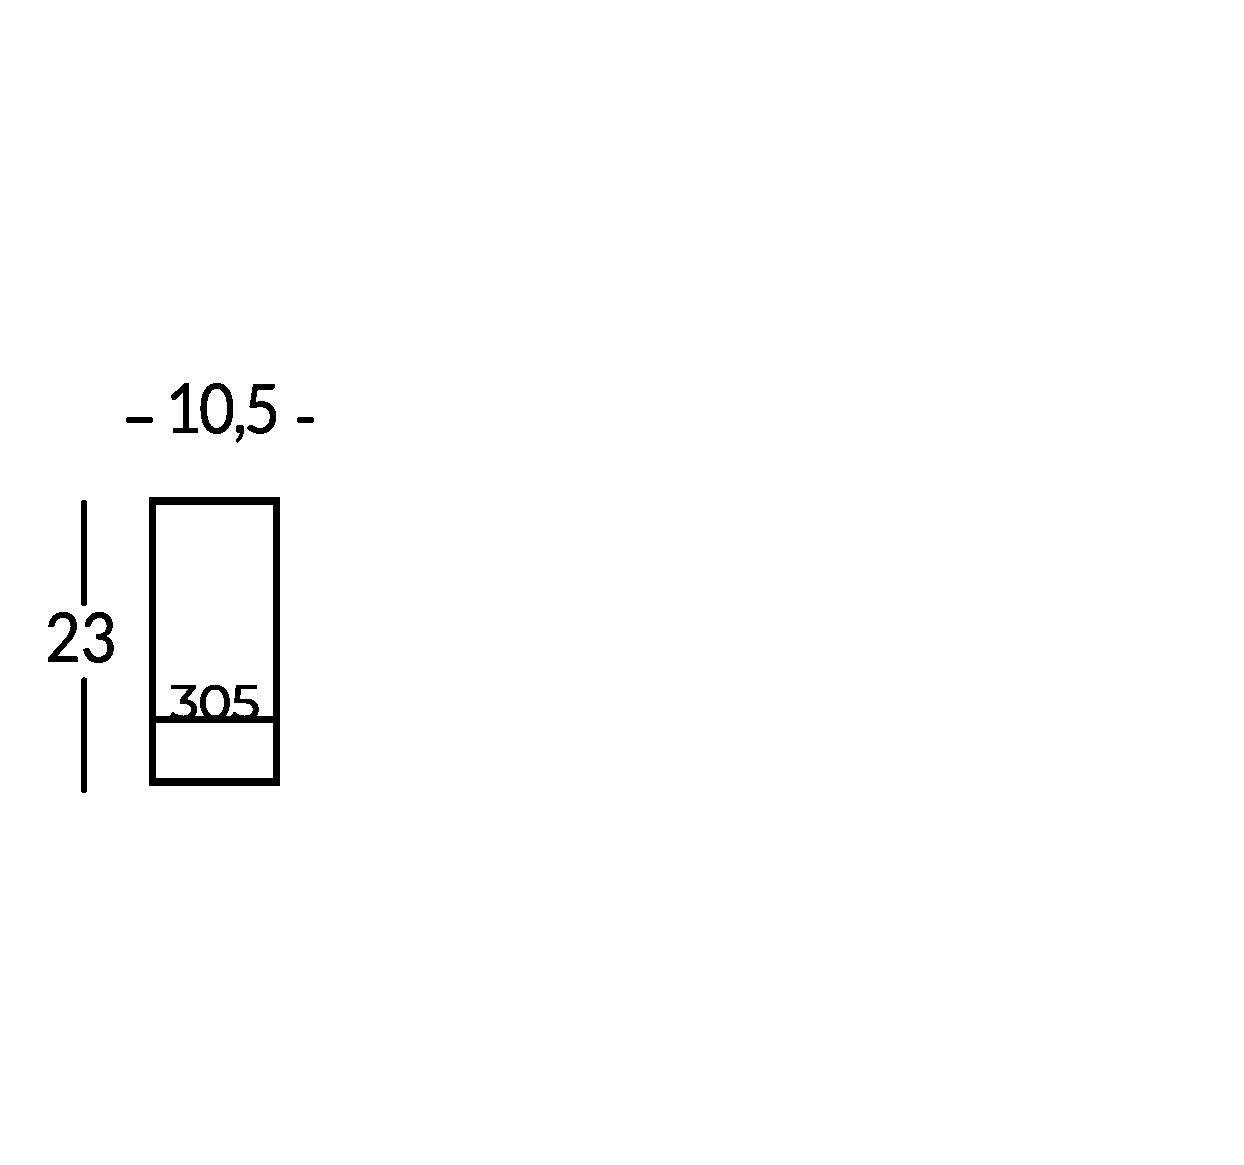 Cette ligne de signalétique est composée de différentes plaques et éléments adaptés pour présenter, avec un style unique, les informations directionnelles nécessaires pour guider les clients dans votre établissement. Chaque élément est réalisé en métal personnalisable dans différentes finitions et couleurs. Chaque plaque a une base rectangulaire où les écritures, symboles ou les numéros de porte sont obtenus en creusant la plaque elle-même.